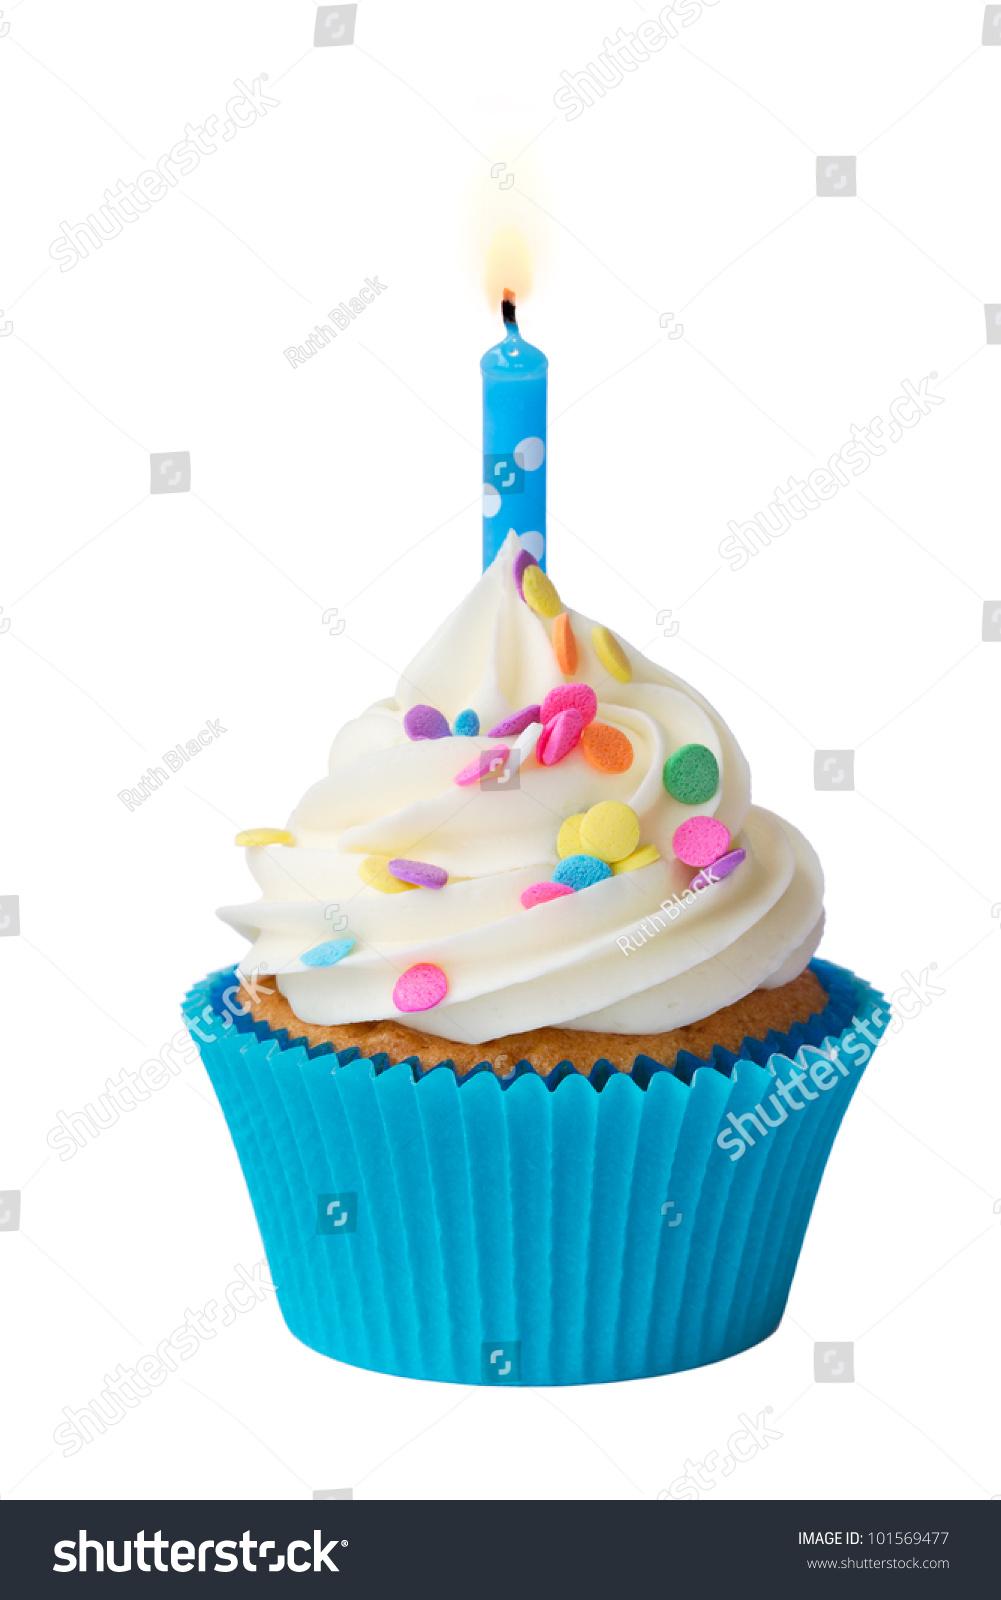 Birthday Cupcake Stock Photo 101569477 Shutterstock